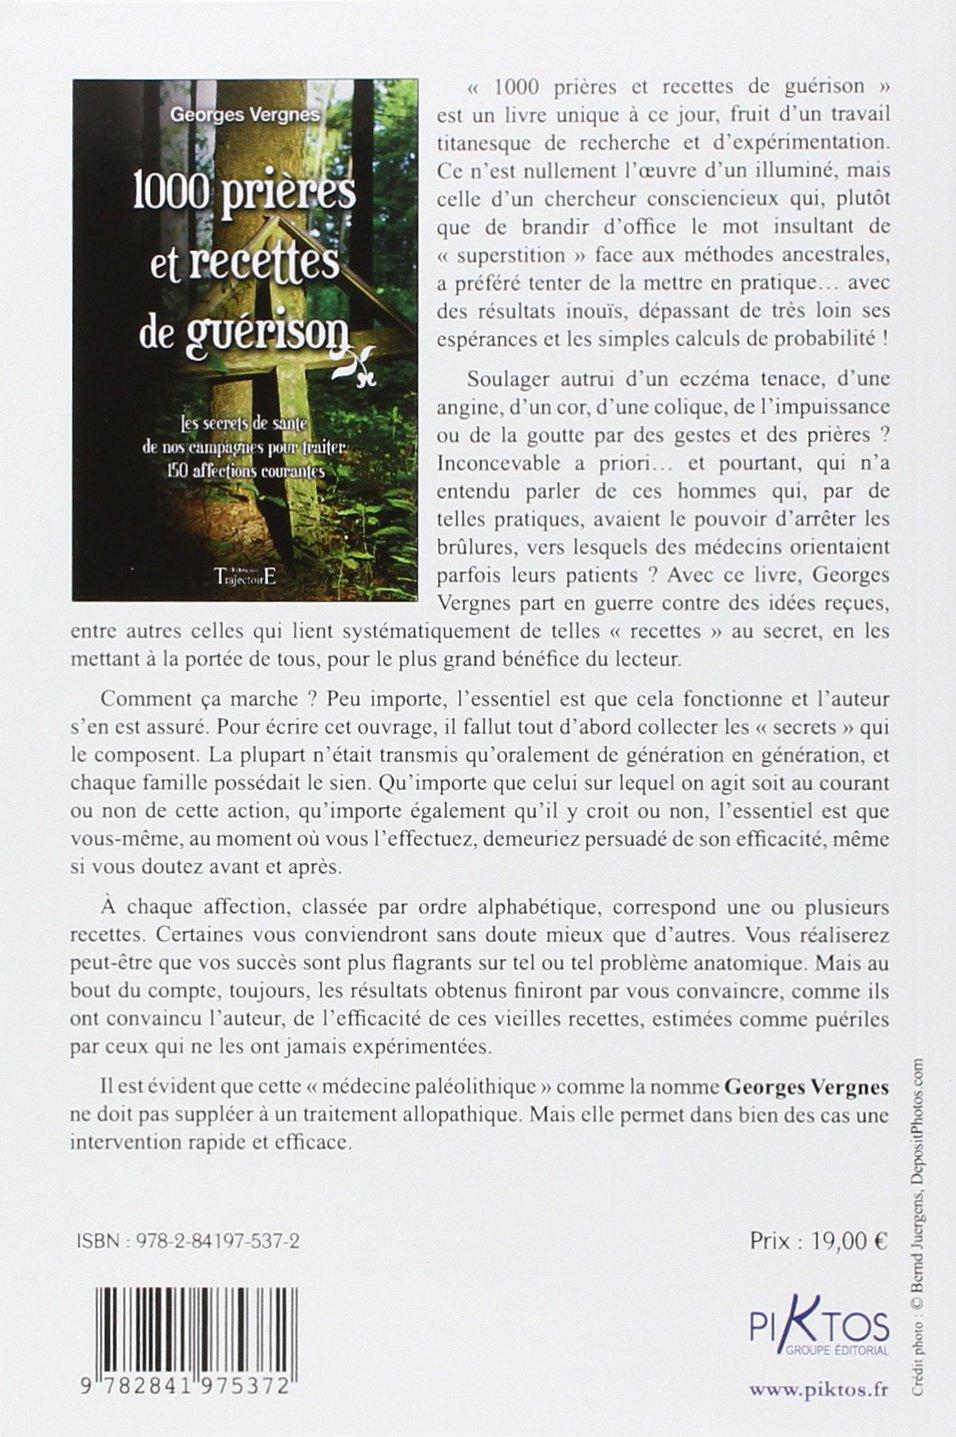 Amazon.fr - 1000 Prières et recettes de guérison - Georges Vergnes - Livres